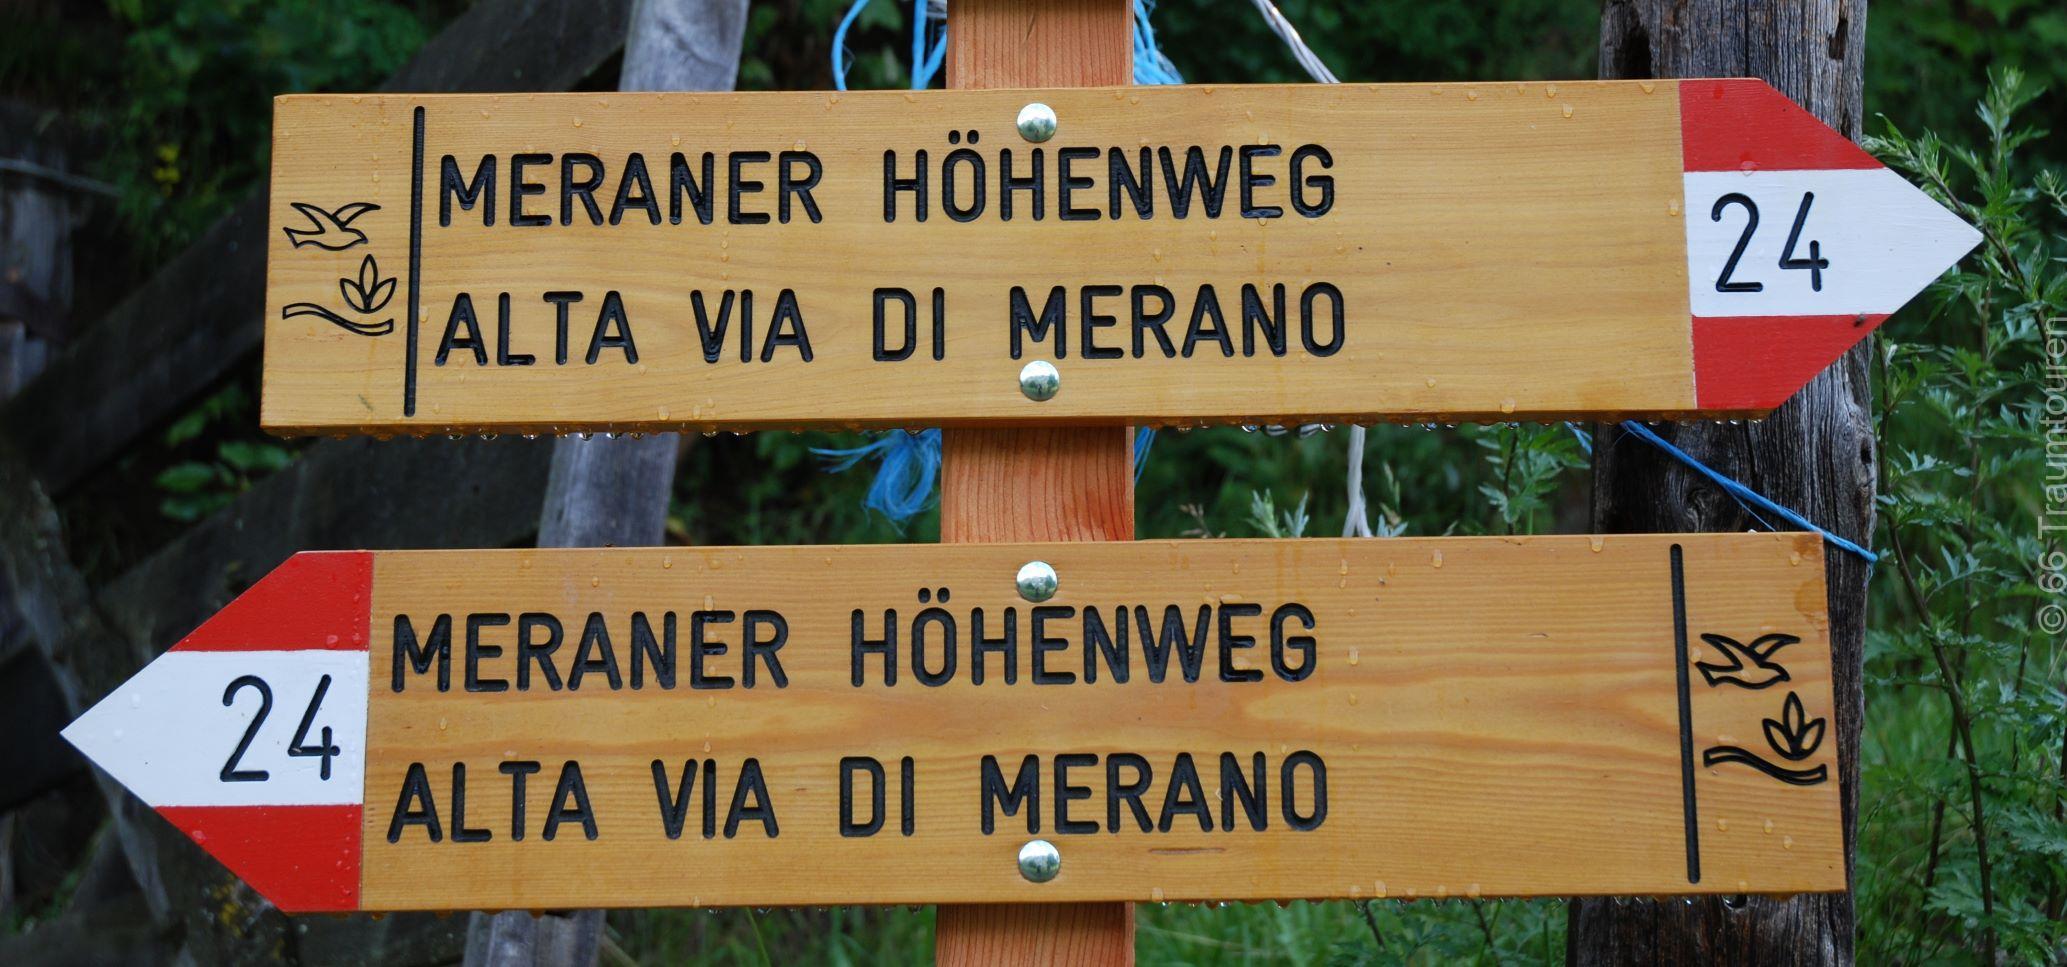 Meraner_Höhenweg